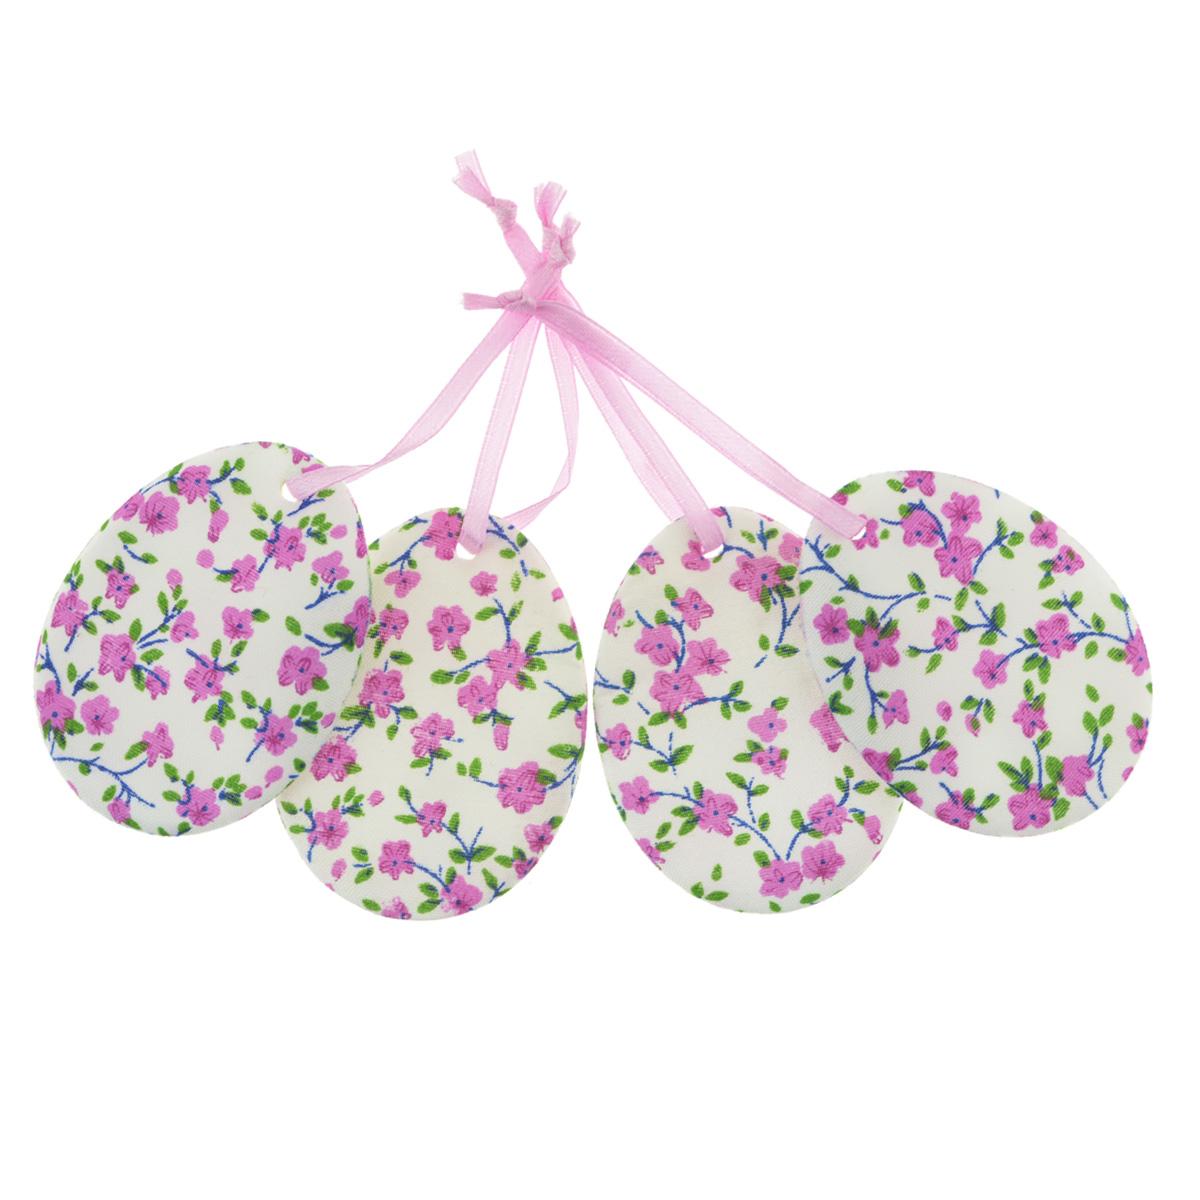 Набор пасхальных подвесных украшений Home Queen Яркий день, цвет: сиреневый, 4 шт60797_3Набор Home Queen Яркий день, изготовленный из полиэстера, состоит из четырех пасхальных подвесных украшений. Изделия выполнены в виде пасхальных яиц с мягким наполнителем, декорированы цветочным принтом и оснащены текстильными петельками для подвешивания. Такой набор прекрасно дополнит оформление вашего дома на Пасху. Размер украшения: 6,5 см х 5 см х 0,3 см.